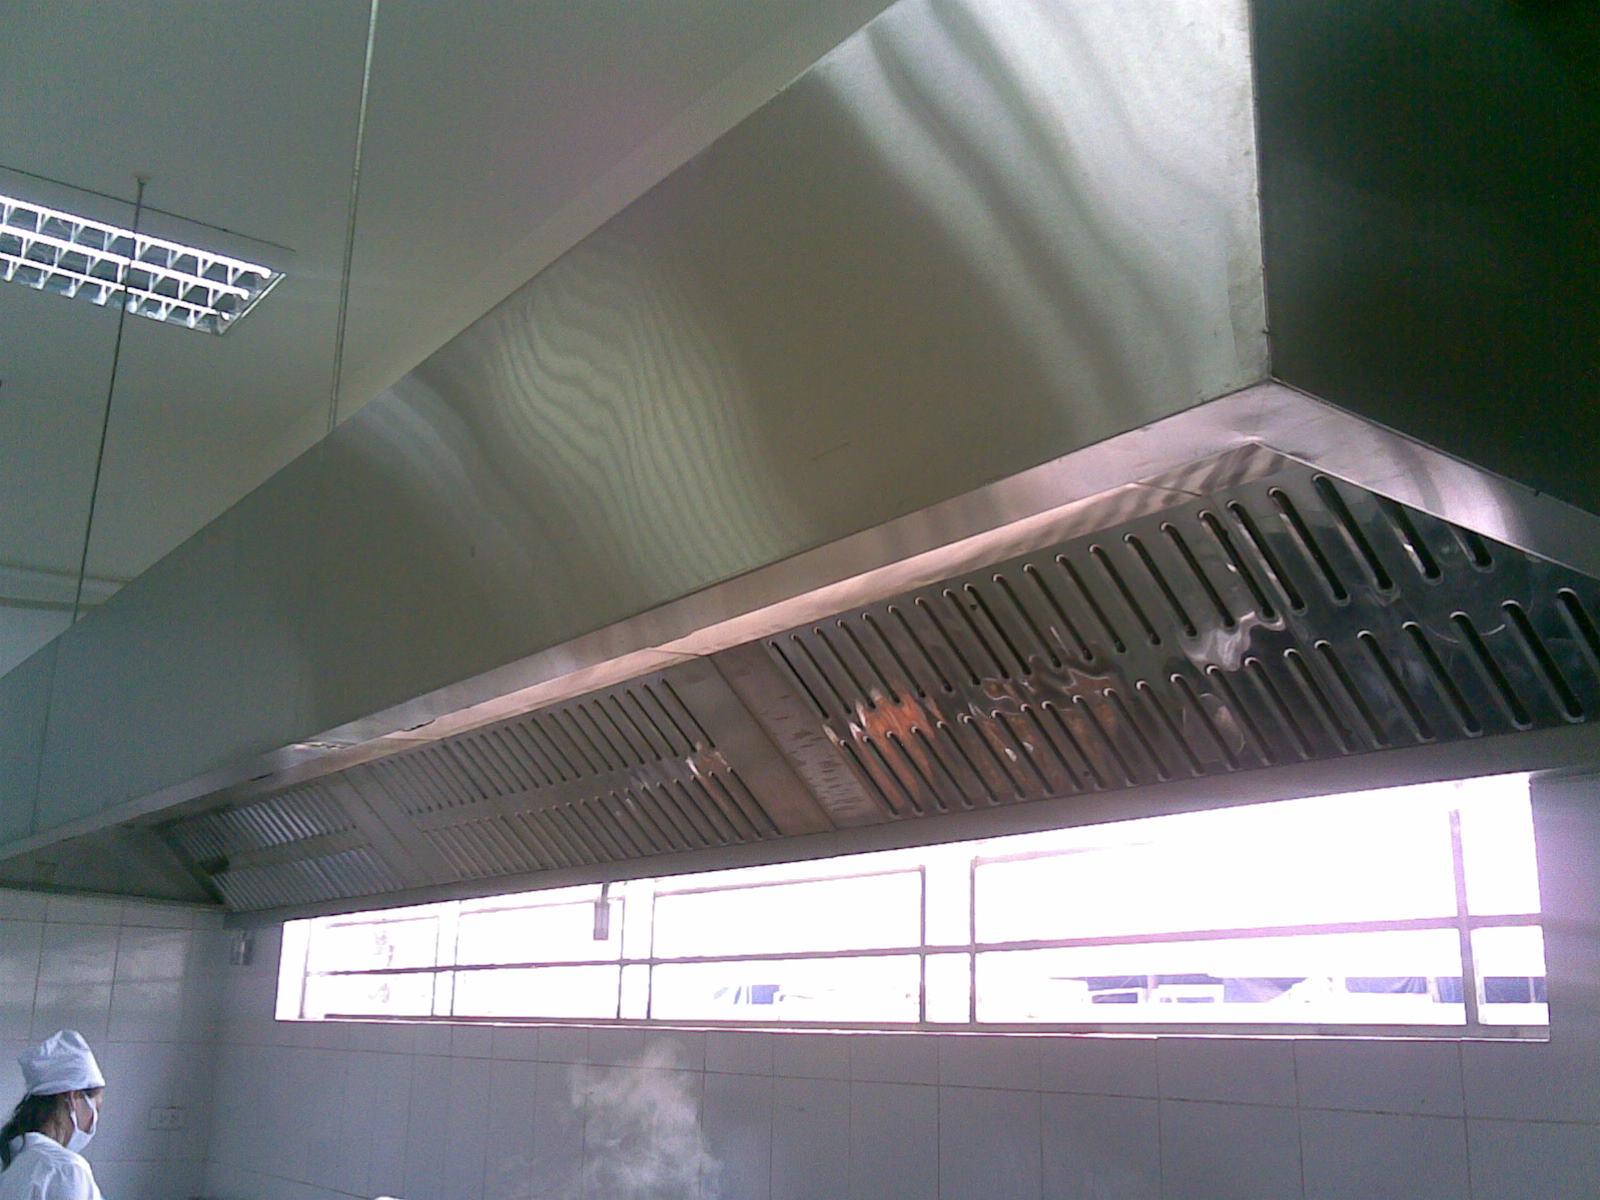 thiết bị bếp công nghiệp 2